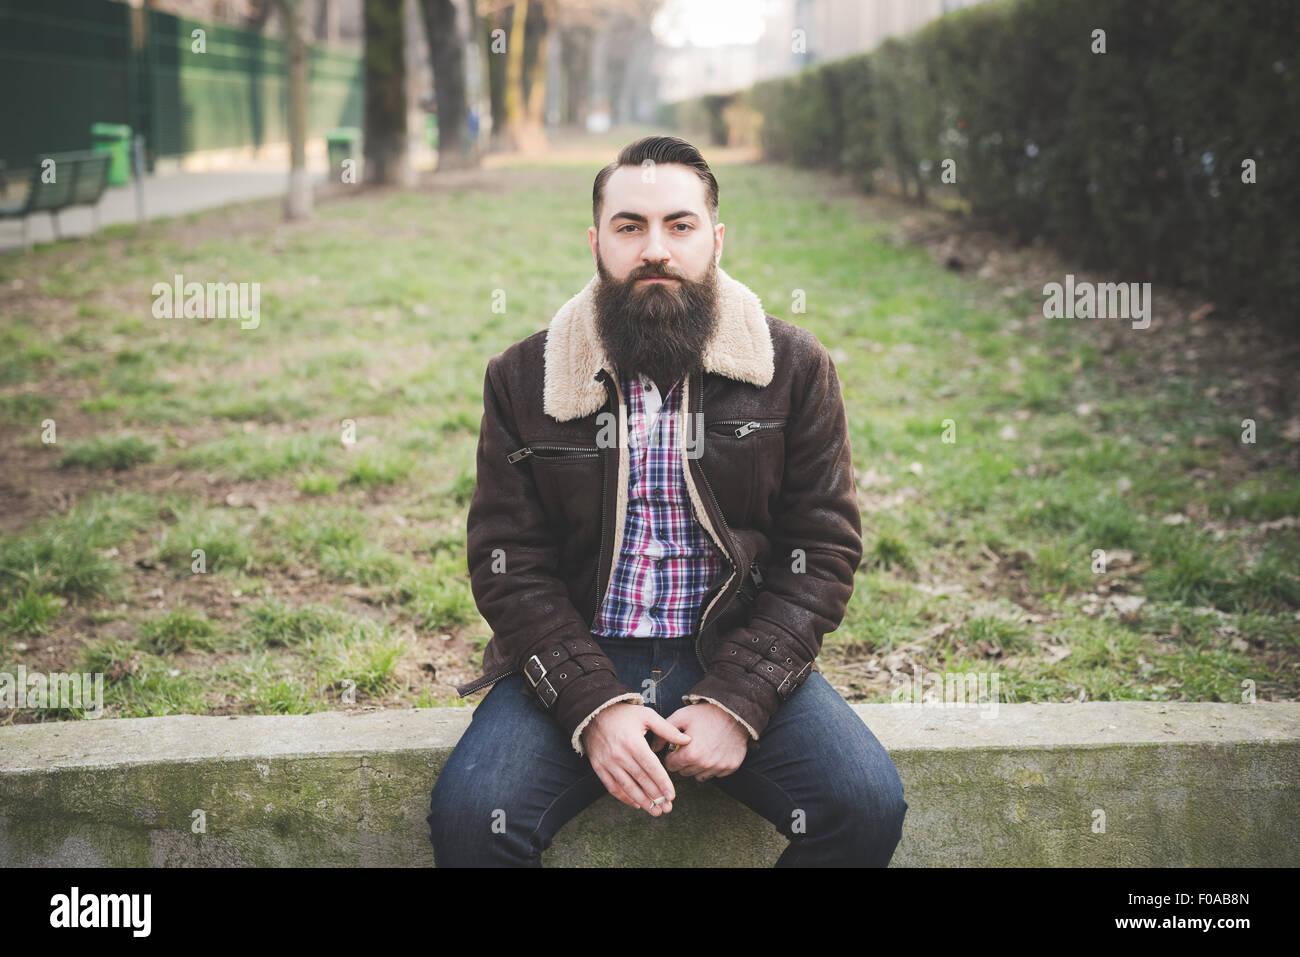 Junge bärtige Mann im park Stockbild